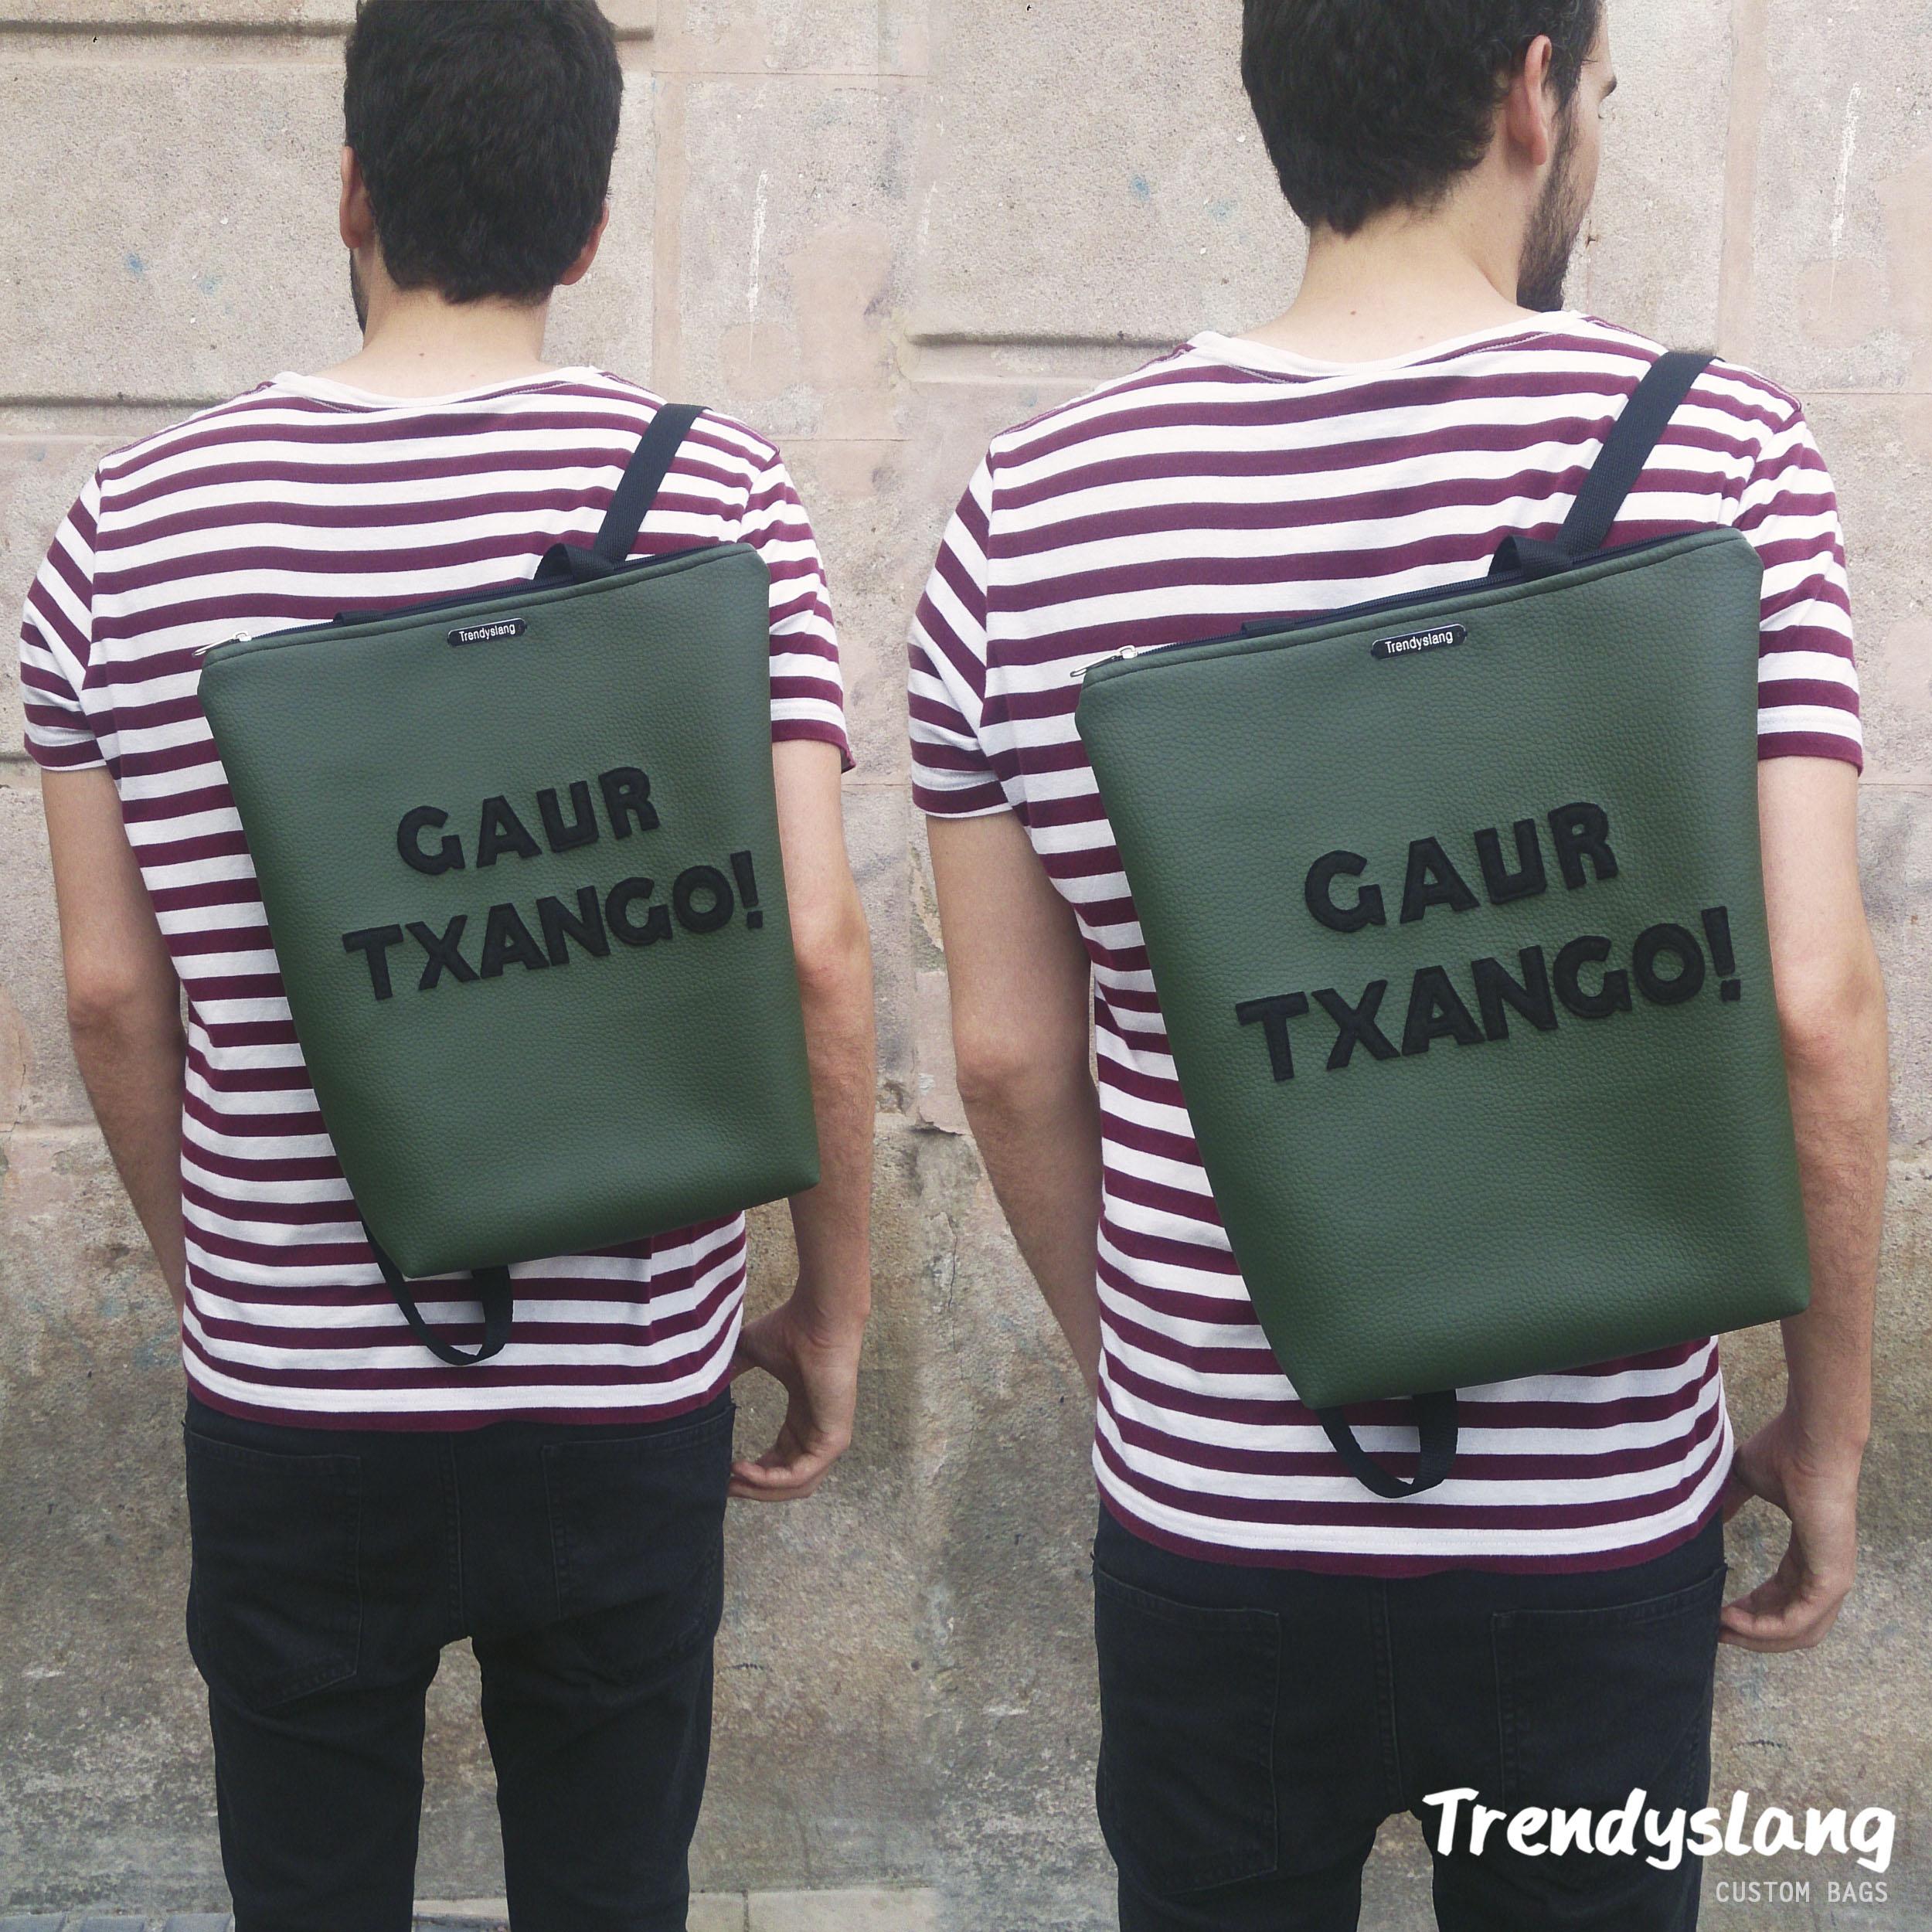 mochila personalizada euskera trendyslang